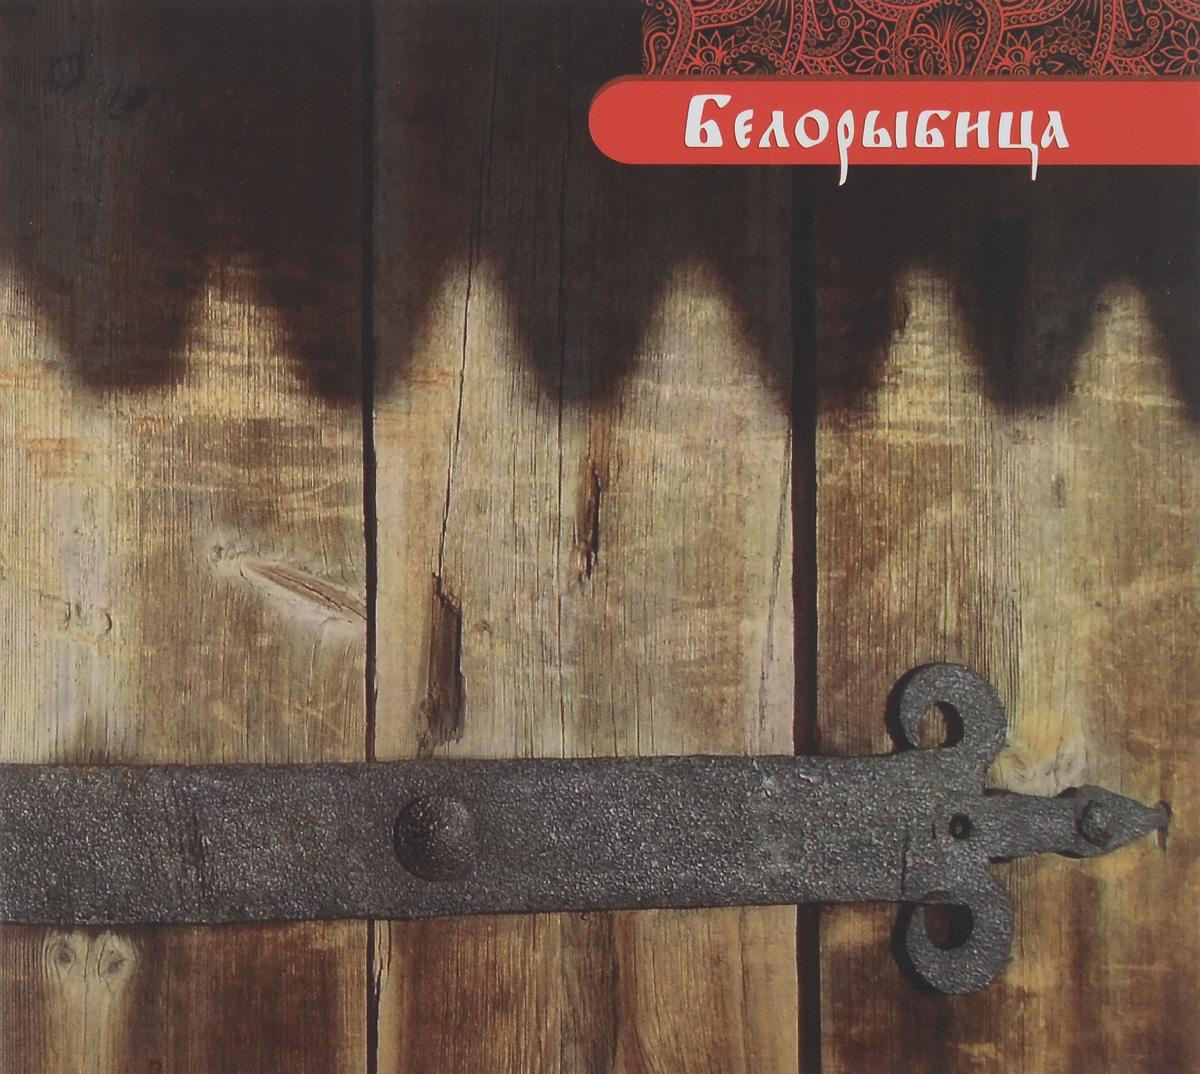 К изданию прилагается 8-страничный буклет с дополнительной информацией и текстами песен на русском языке.